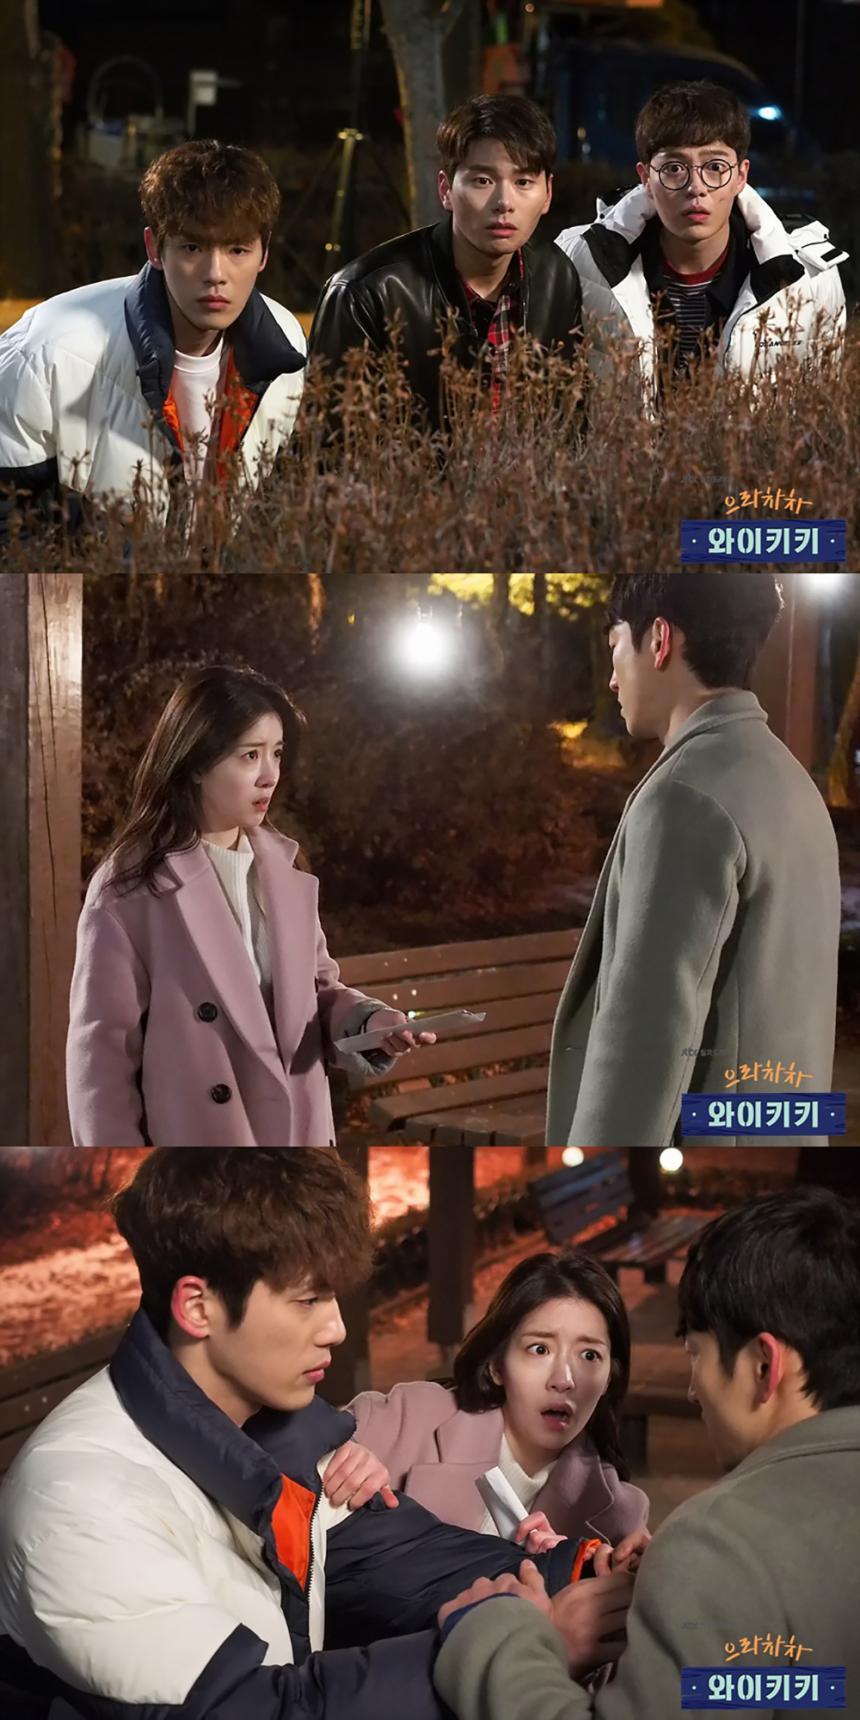 으라차차 와이키키 비하인드 컷 / JTBC '으라차차 와이키키' 공식 홈페이지